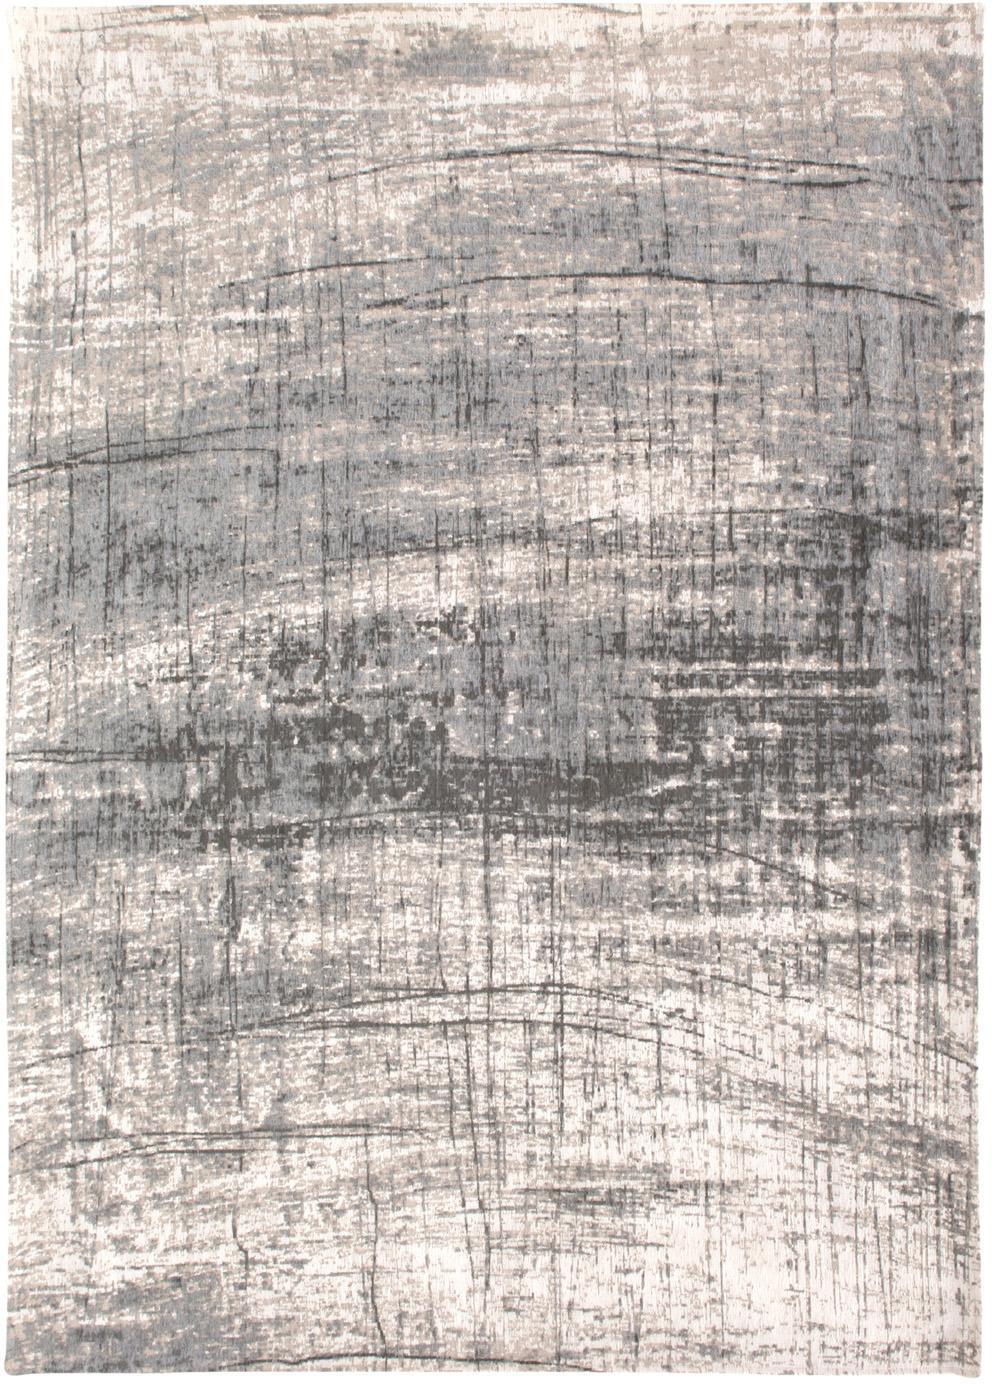 Tappeto Griff, Tessuto: Jacquard, Retro: Miscela di cotone, rivest, Tonalità grigie, bianco, Larg. 80 x Lung. 150 cm (taglia XS)